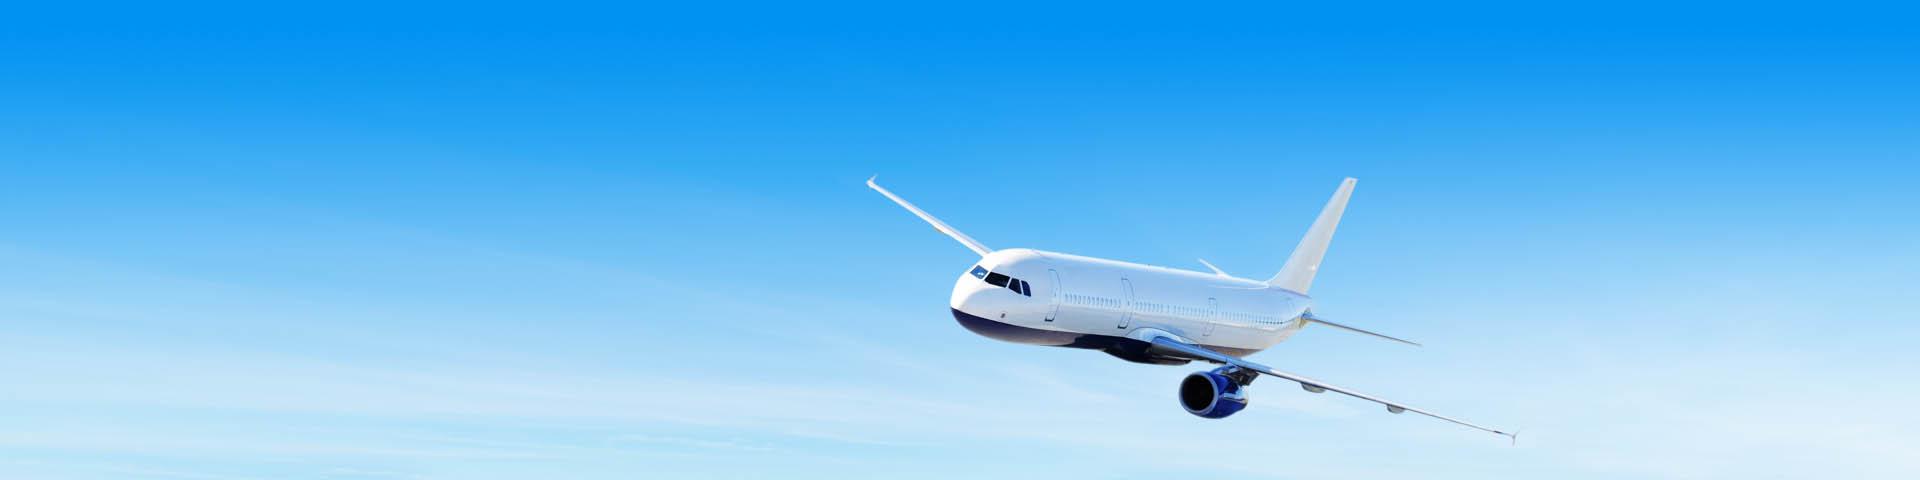 Vliegtuig vliegend in de lucht.